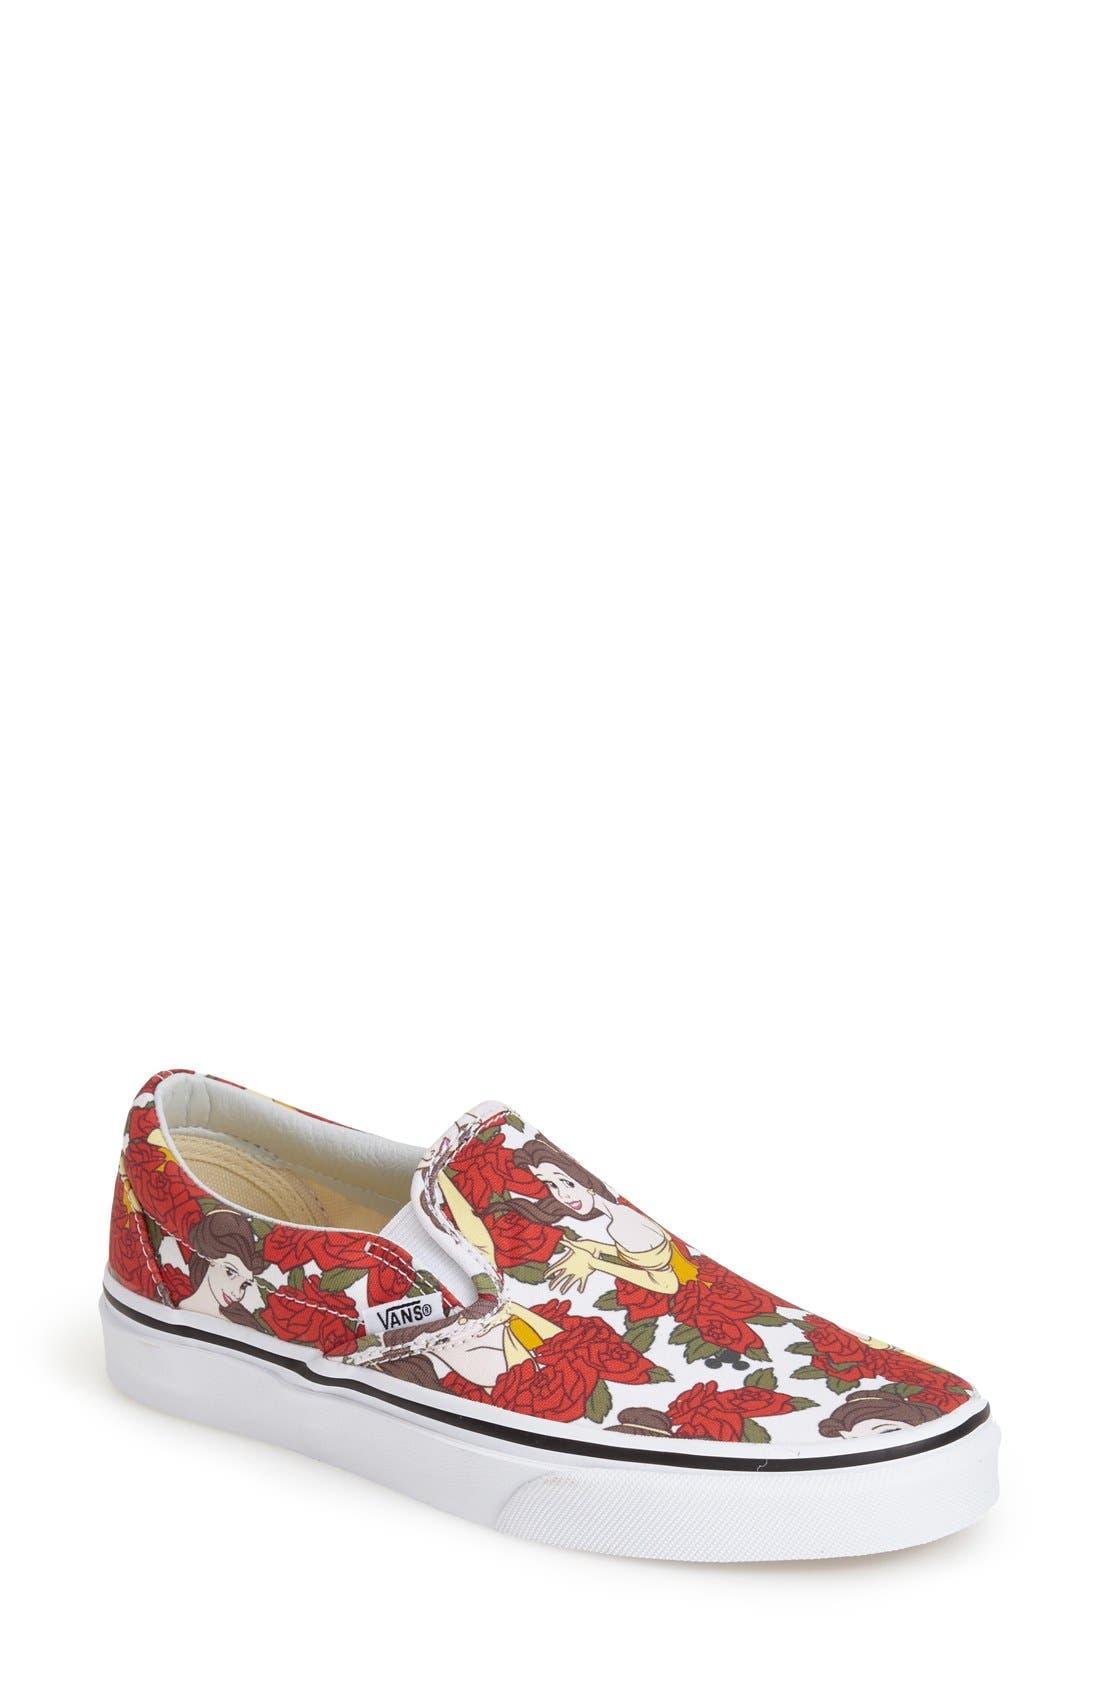 Main Image - Vans 'Classic - Disney® Belle' Slip-On Sneaker (Women)